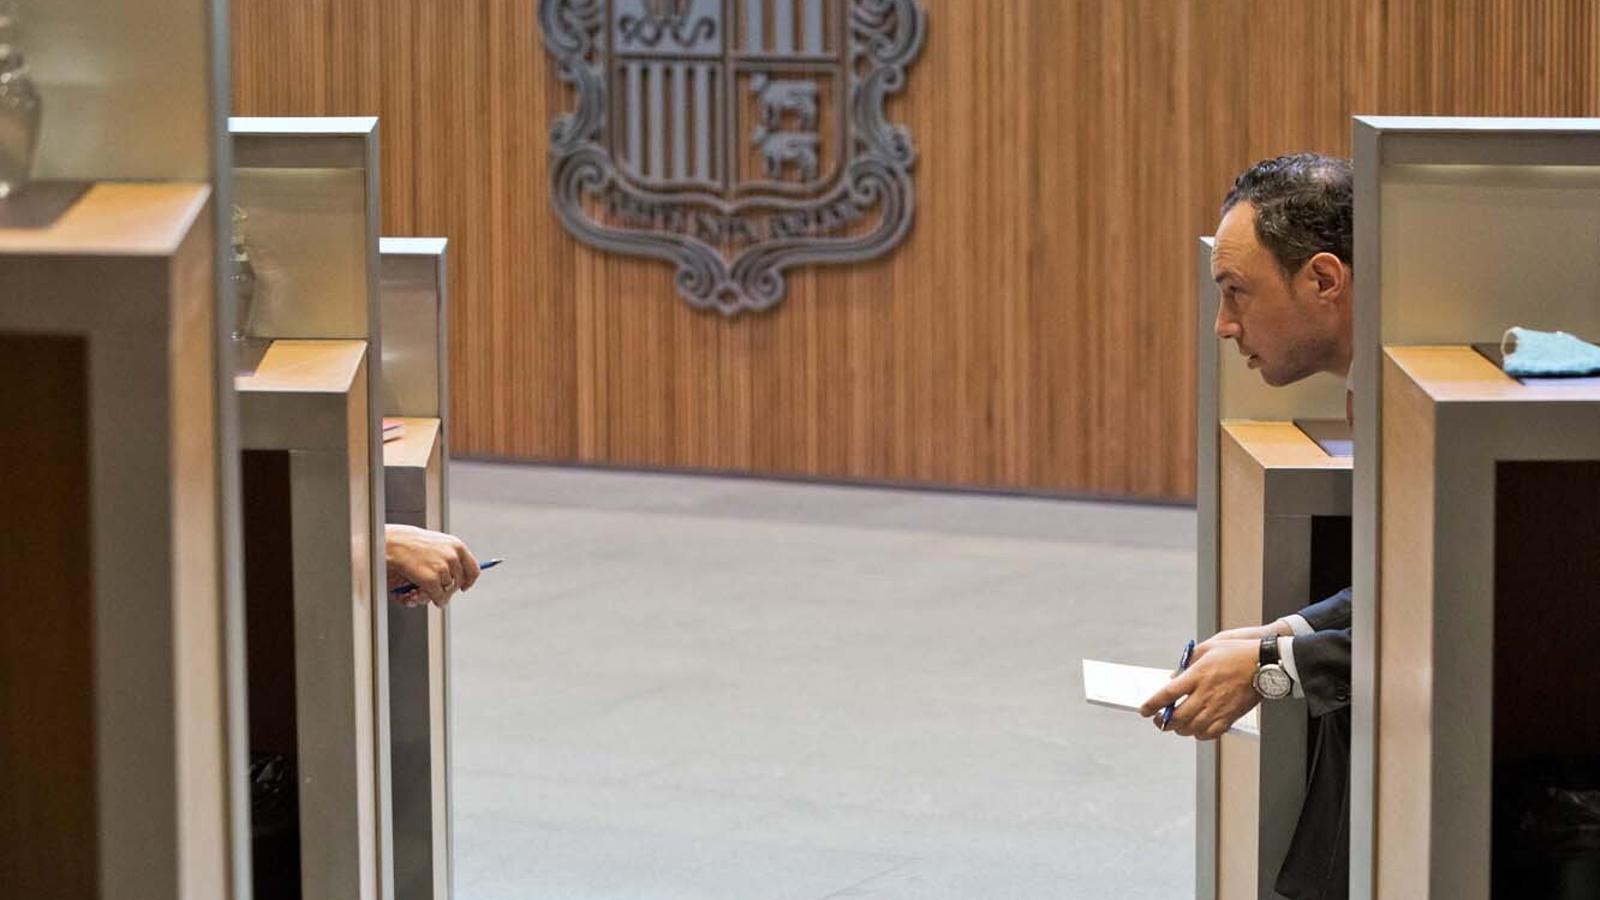 El cap de Govern, Xavier Espot, durant la sessió de Consell General. / CONSELL GENERAL (EDUARD COMELLAS)